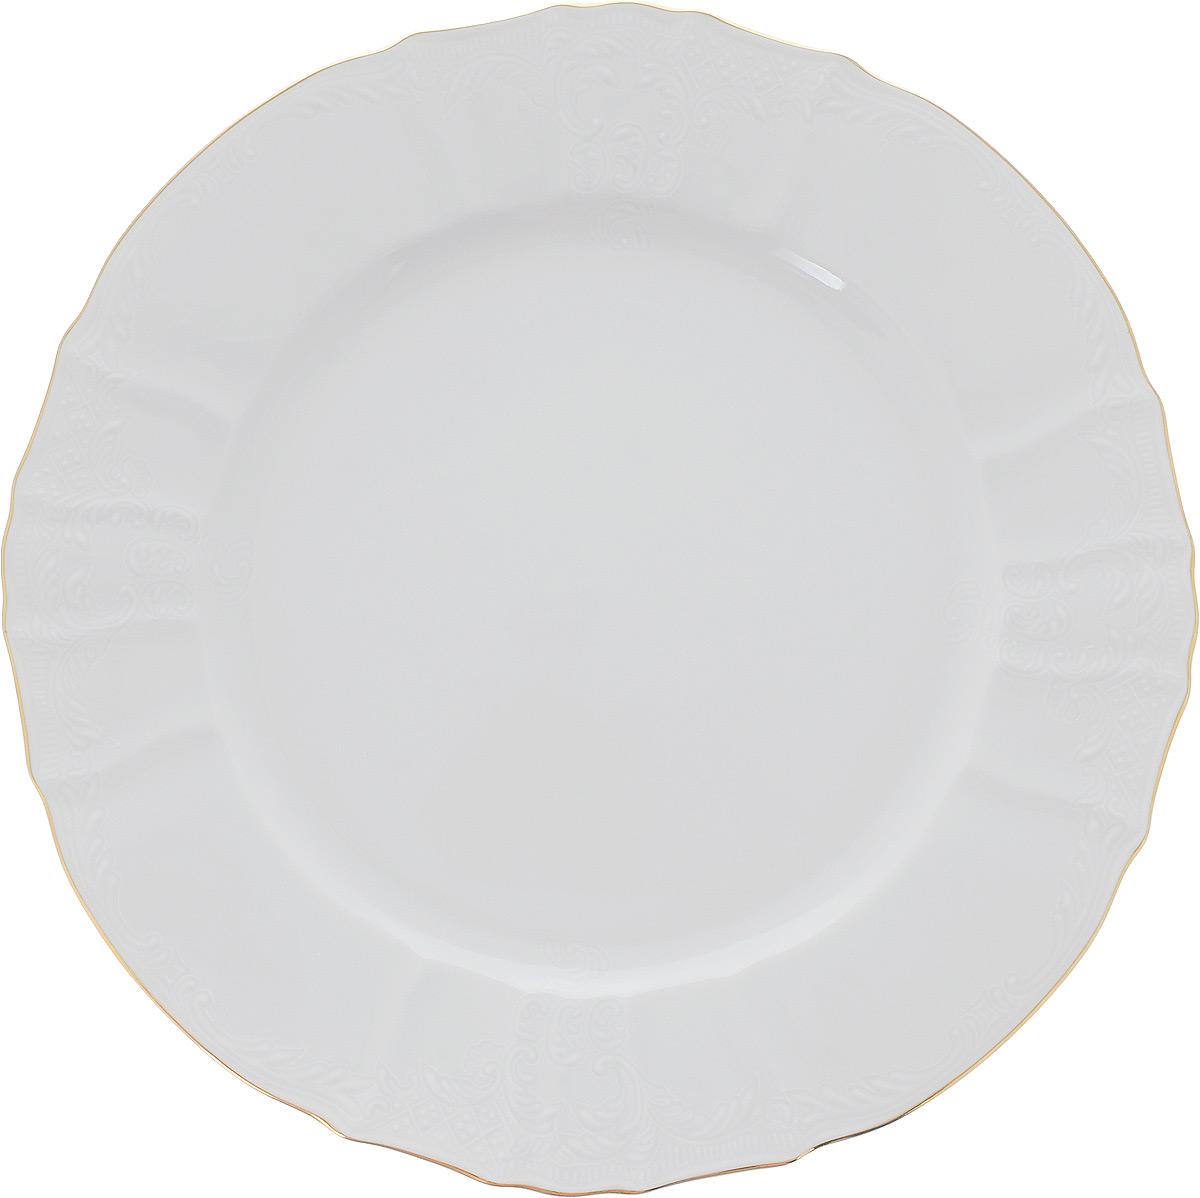 Блюдо Bernadotte Узор, диаметр 30 см03620Блюдо Bernadotte Узор выполнено из белоснежного фарфора с покрытием глазурью. Изделие украшено золотистой эмалью по краю и изысканным рельефным орнаментом. Оно прекрасно подойдет для сервировки разнообразных блюд - закусок, нарезок, салатов, канапе, овощей и фруктов, пирожных. Такое блюдо красиво дополнит сервировку вашего стола. Отлично подойдет как для повседневного использования, так и для торжественных случаев.